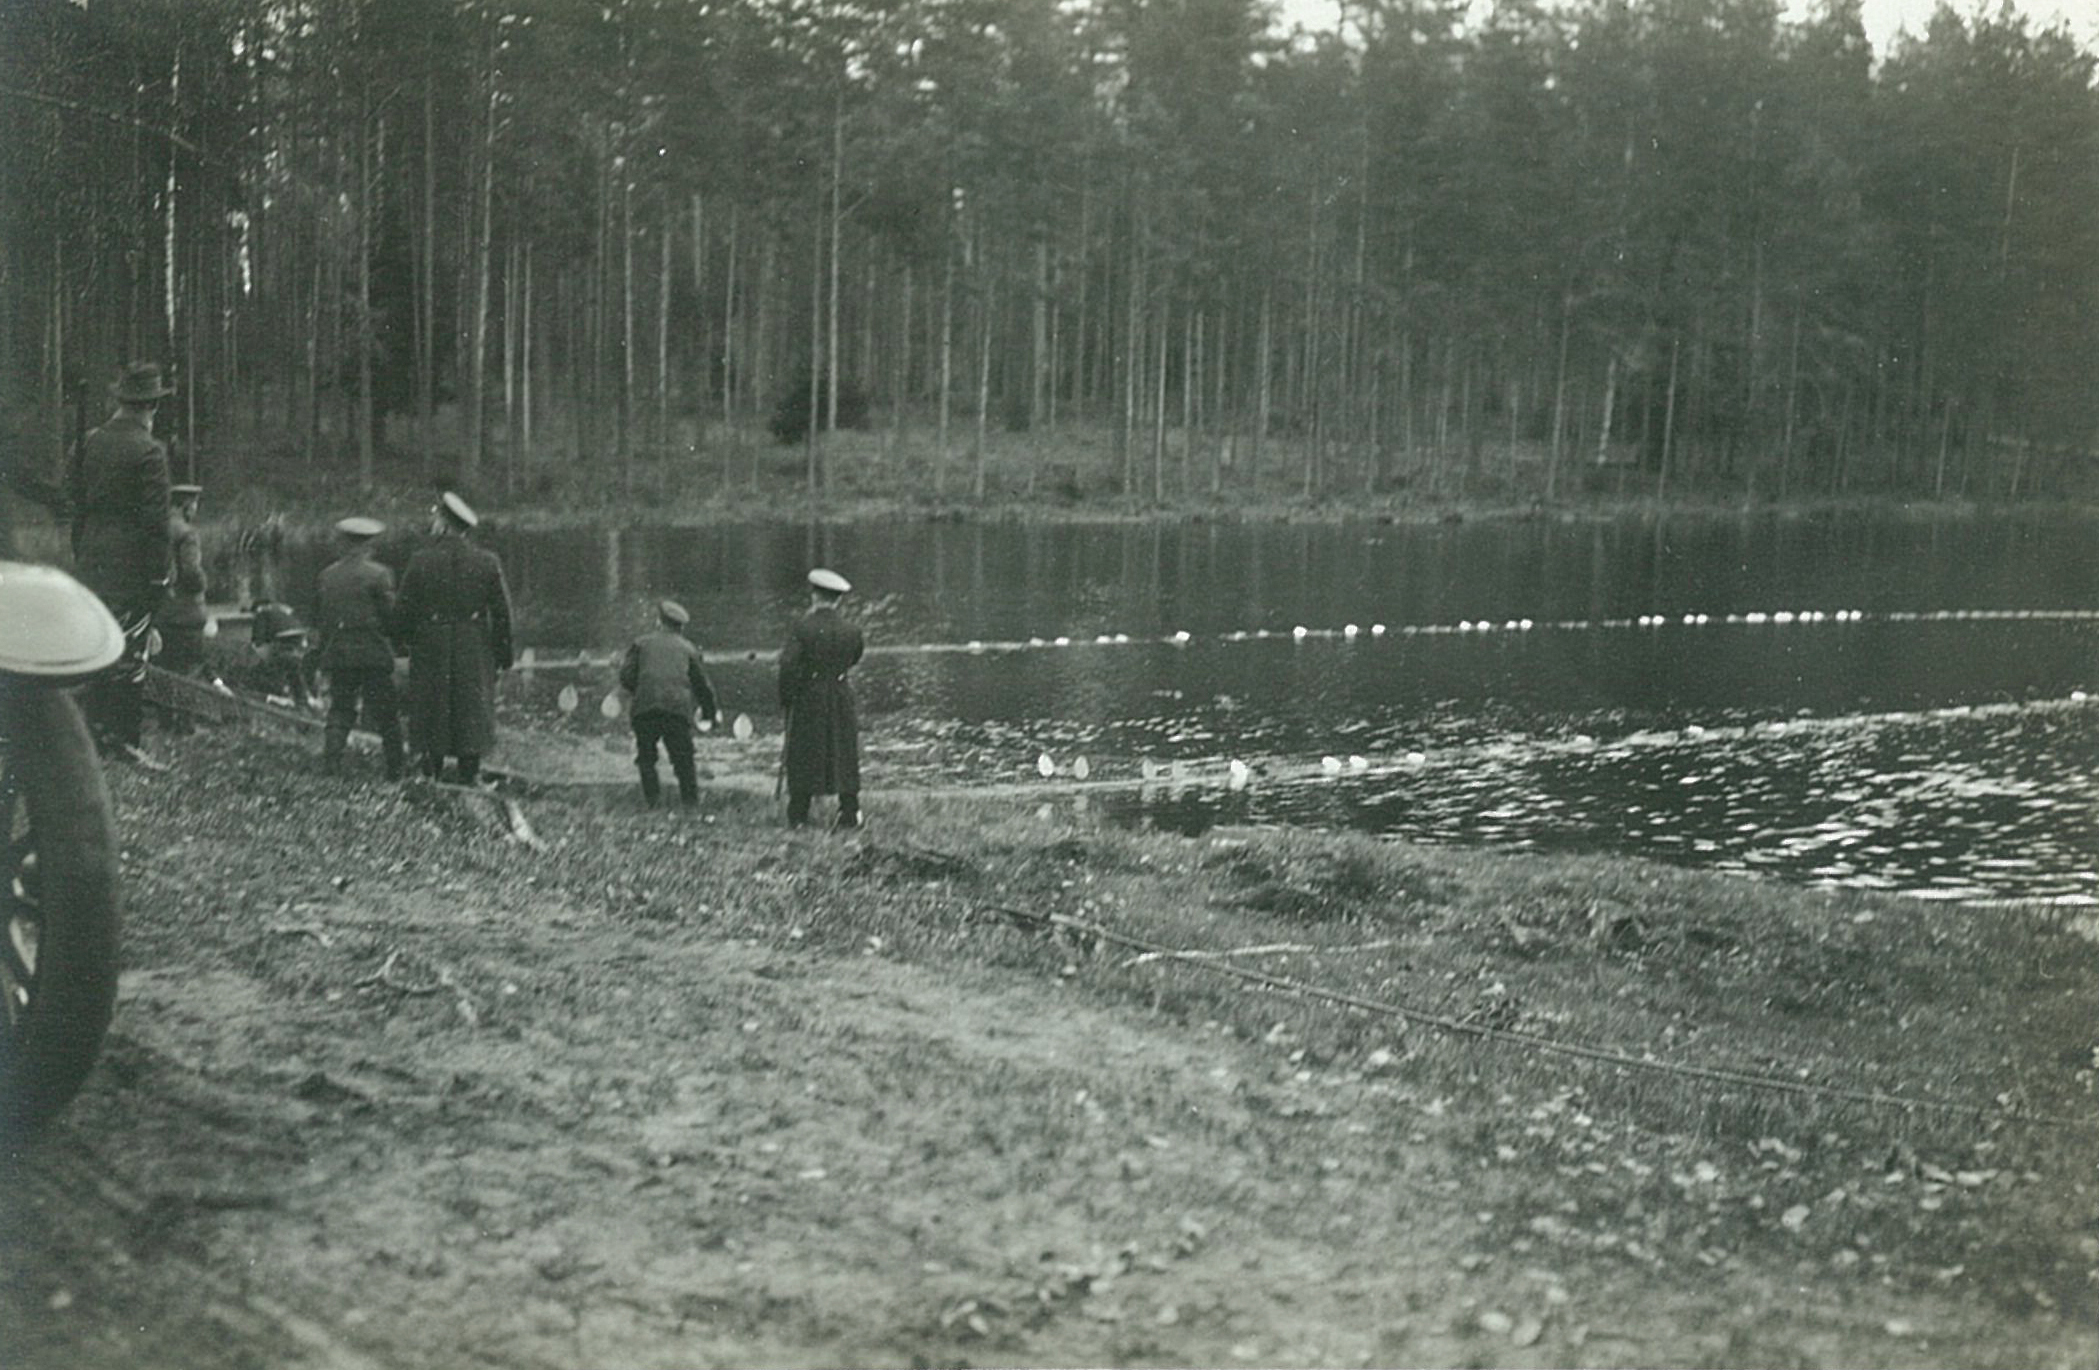 Рыбная ловля сетями на озере, вытягивание сети